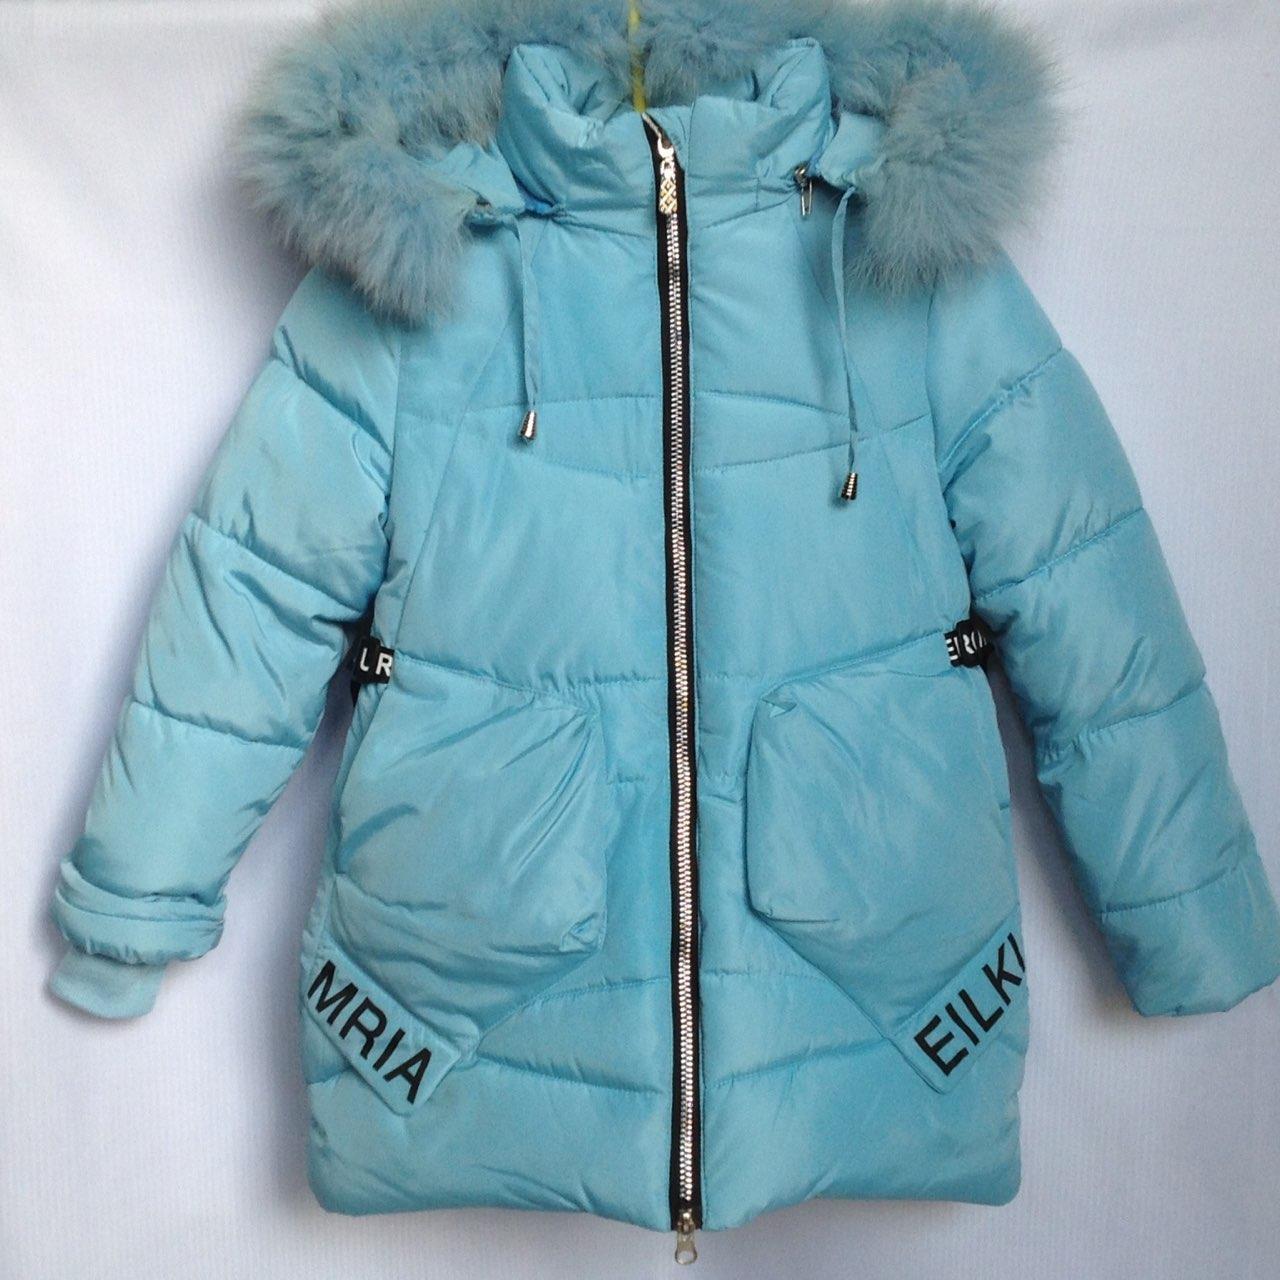 Куртка подростковая зимняя Arcade #А-4 для девочек. 128-152 см (8-12 лет). Голубая. Оптом.